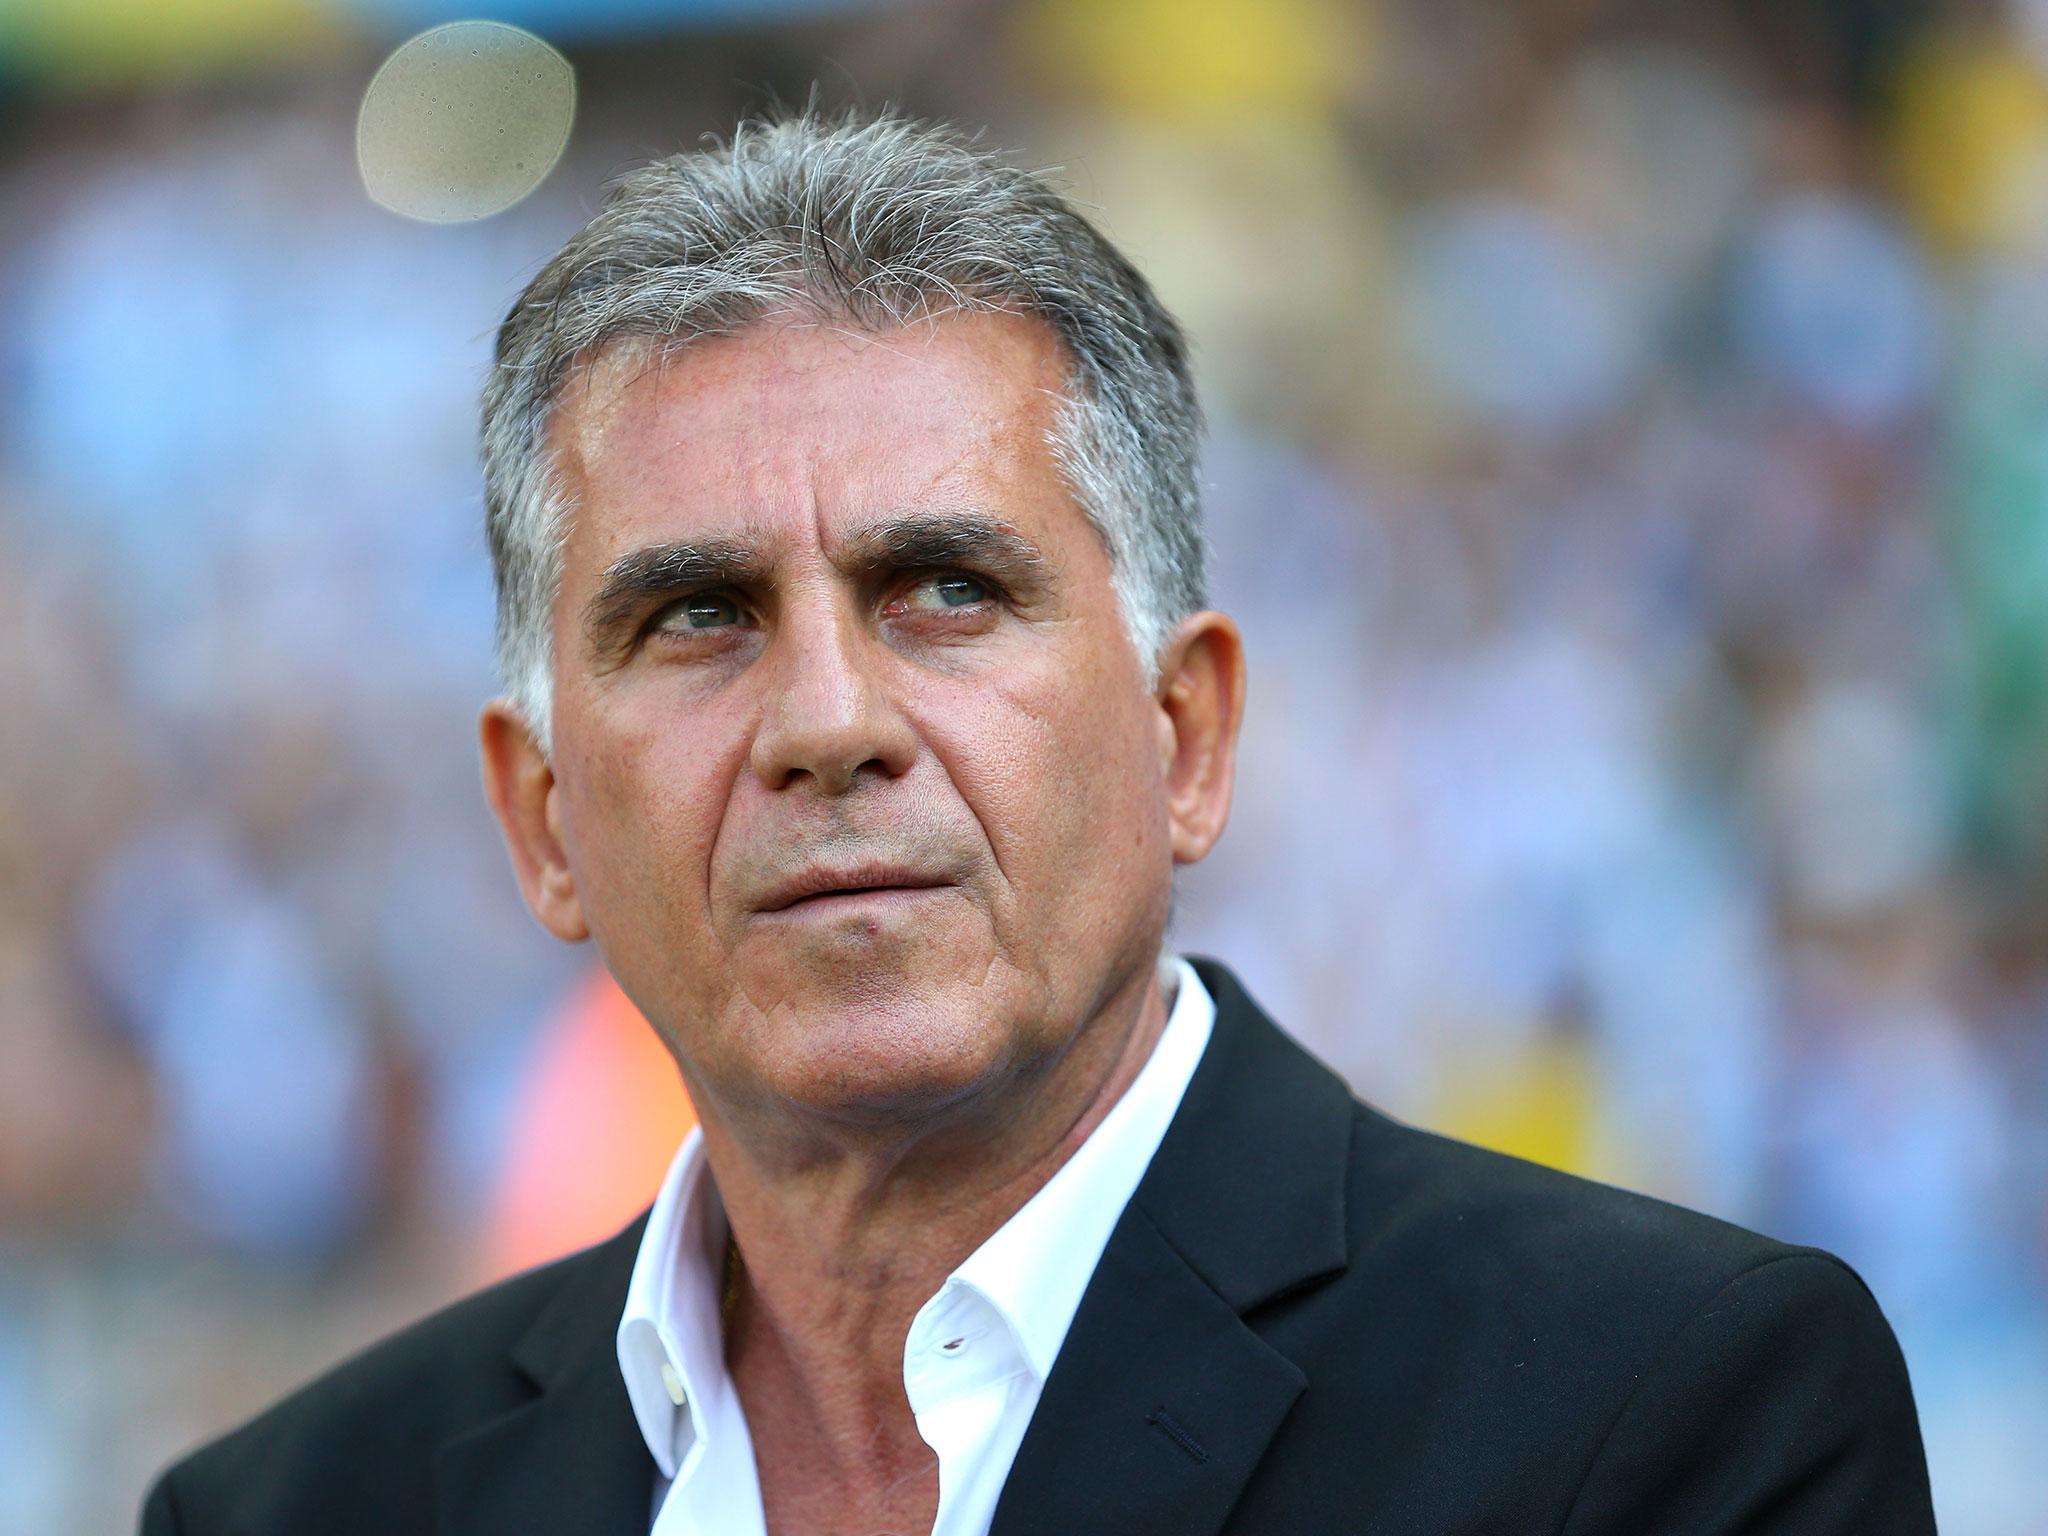 خداحافظی کی روش از تیم ملی فوتبال ایران